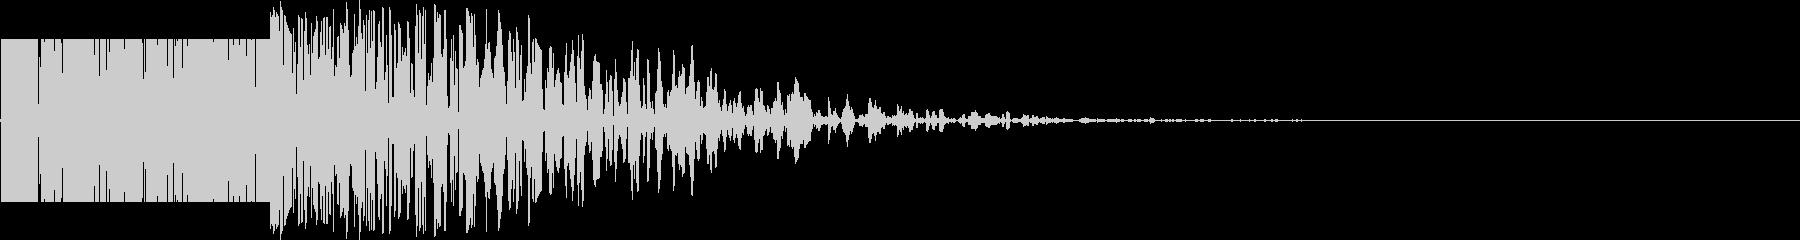 ズシン(重い足音系)02の未再生の波形